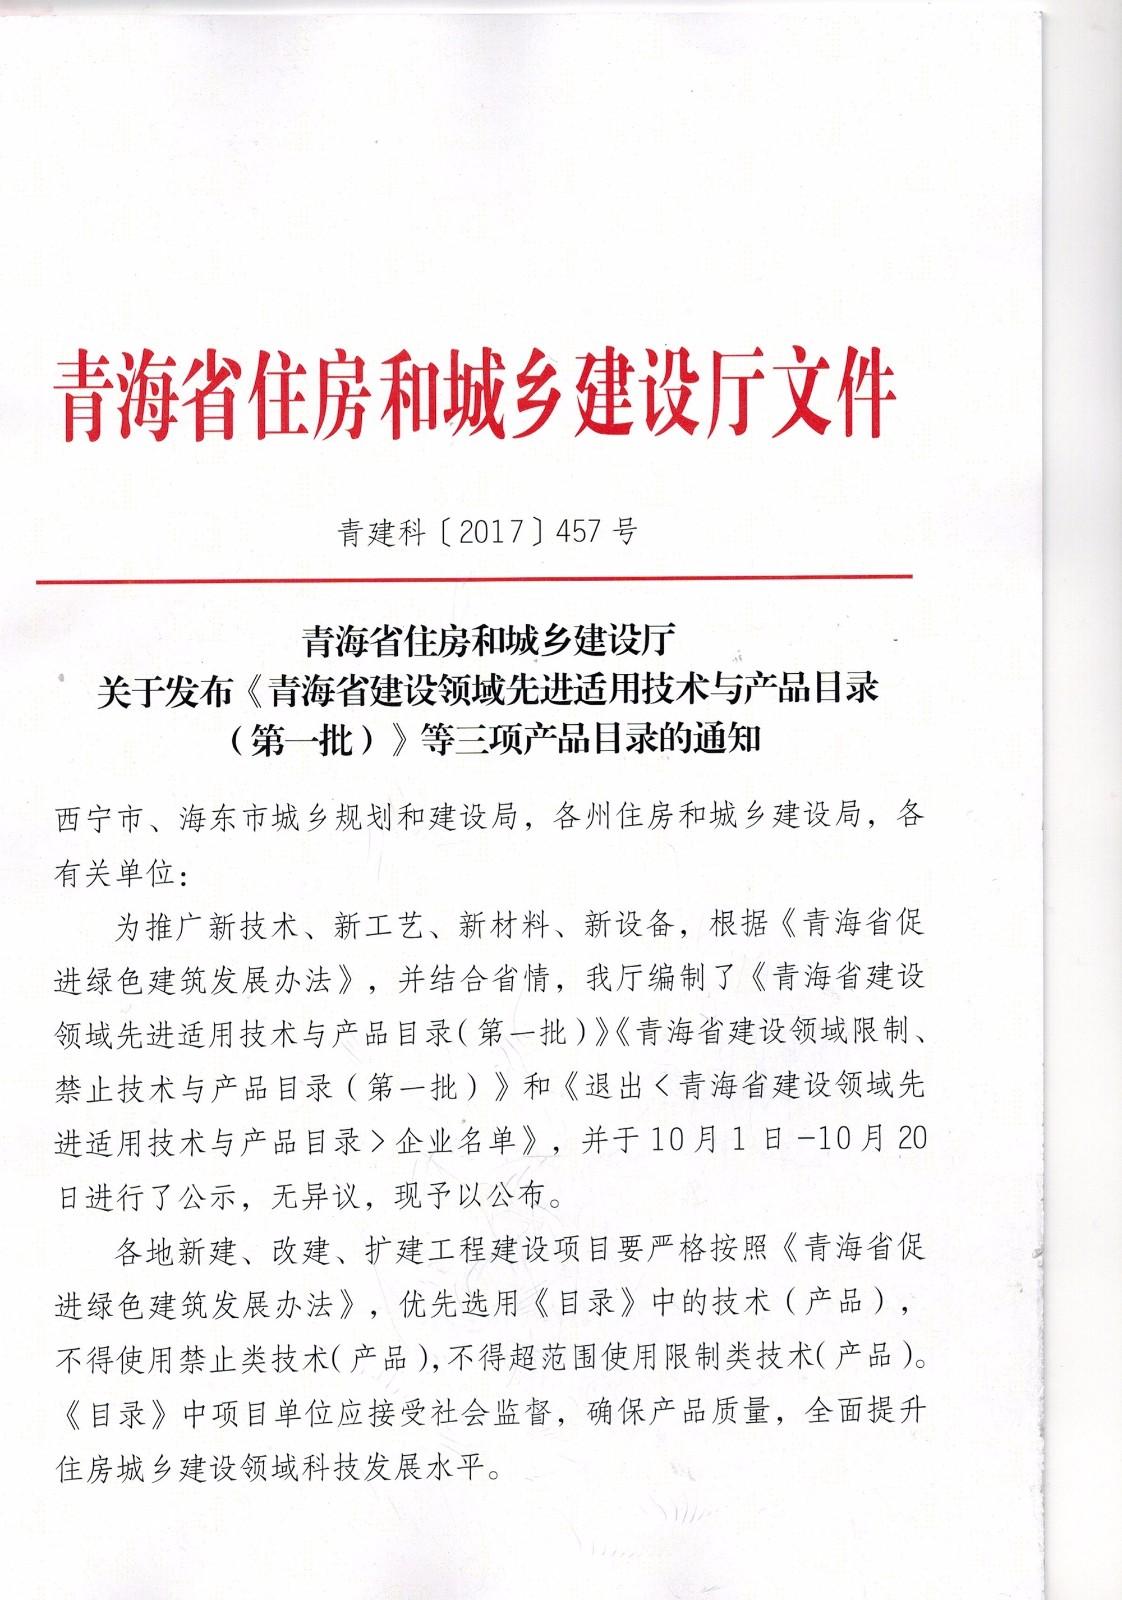 公司核心专利产品正式纳入青海省建设领域先进适用技术与产品目录|企业新闻-青海万通新能源技术开发股份有限公司